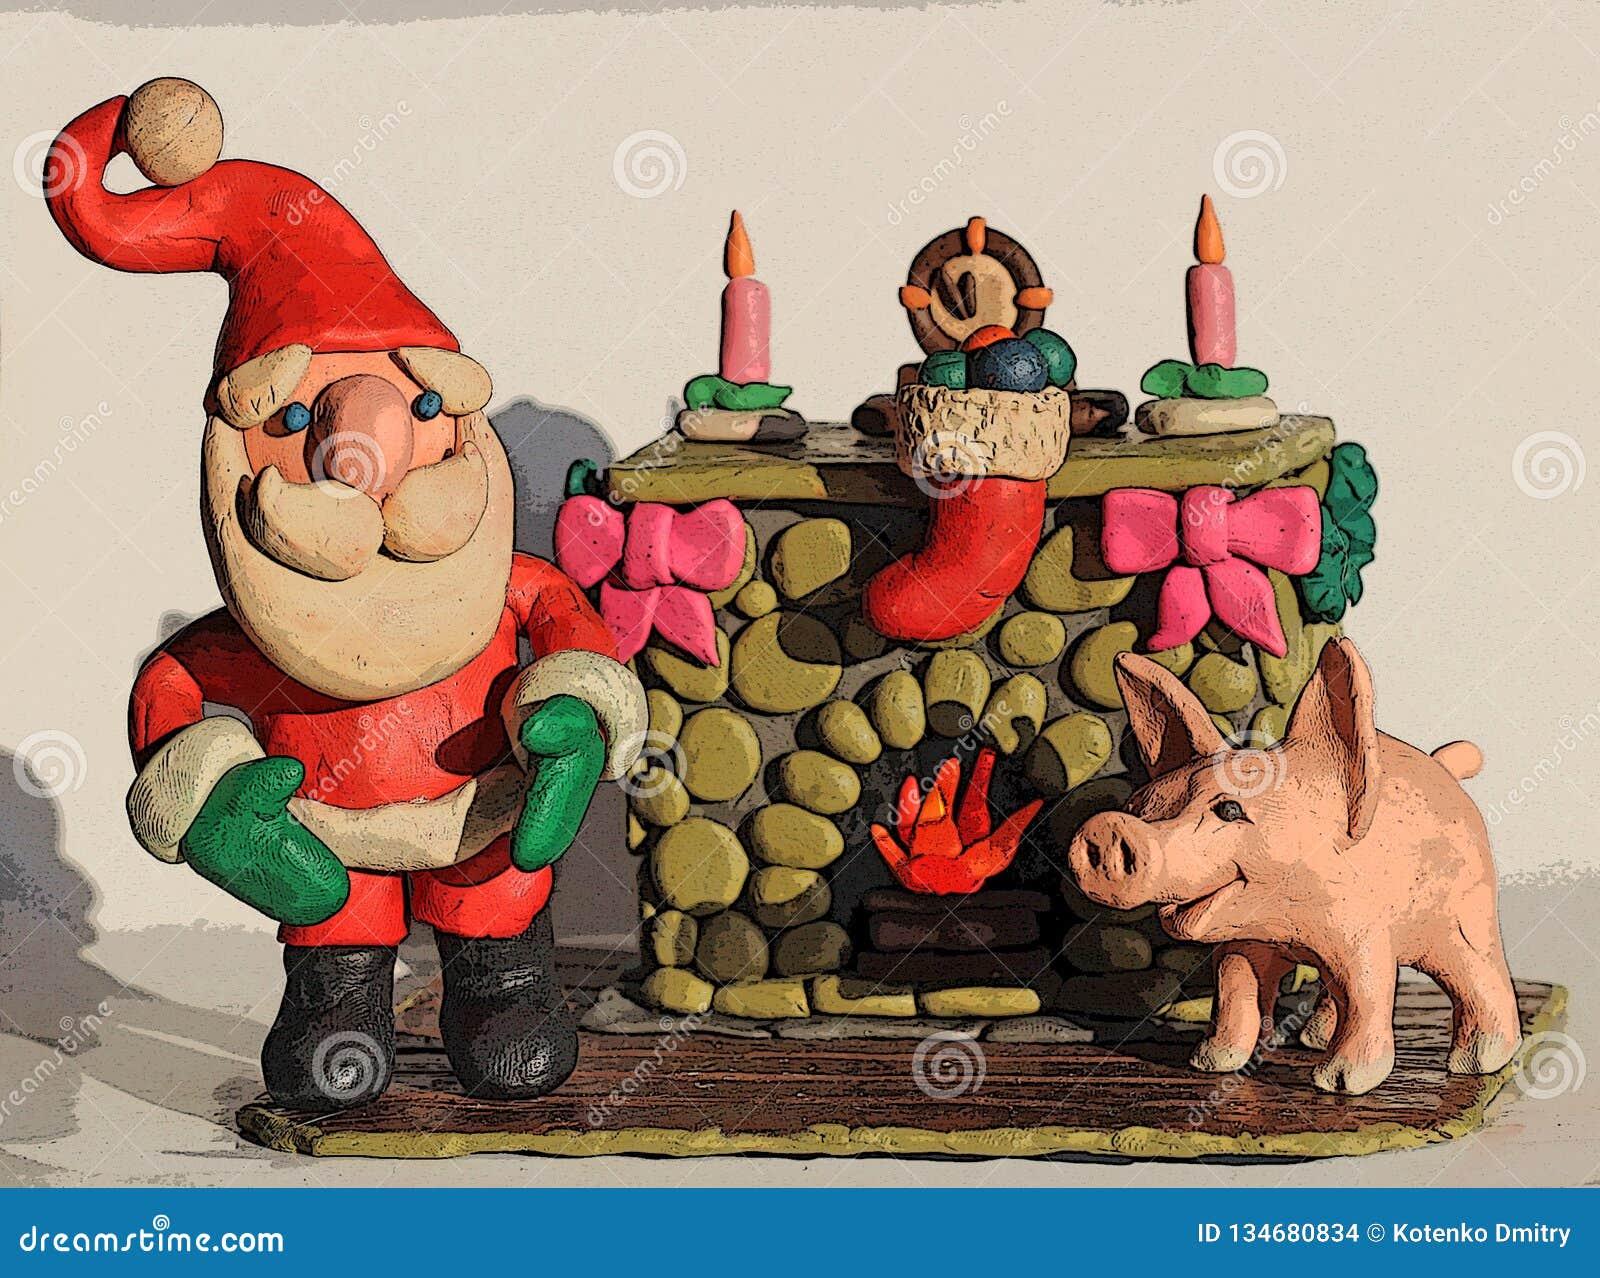 Święty Mikołaj i świnia grabą